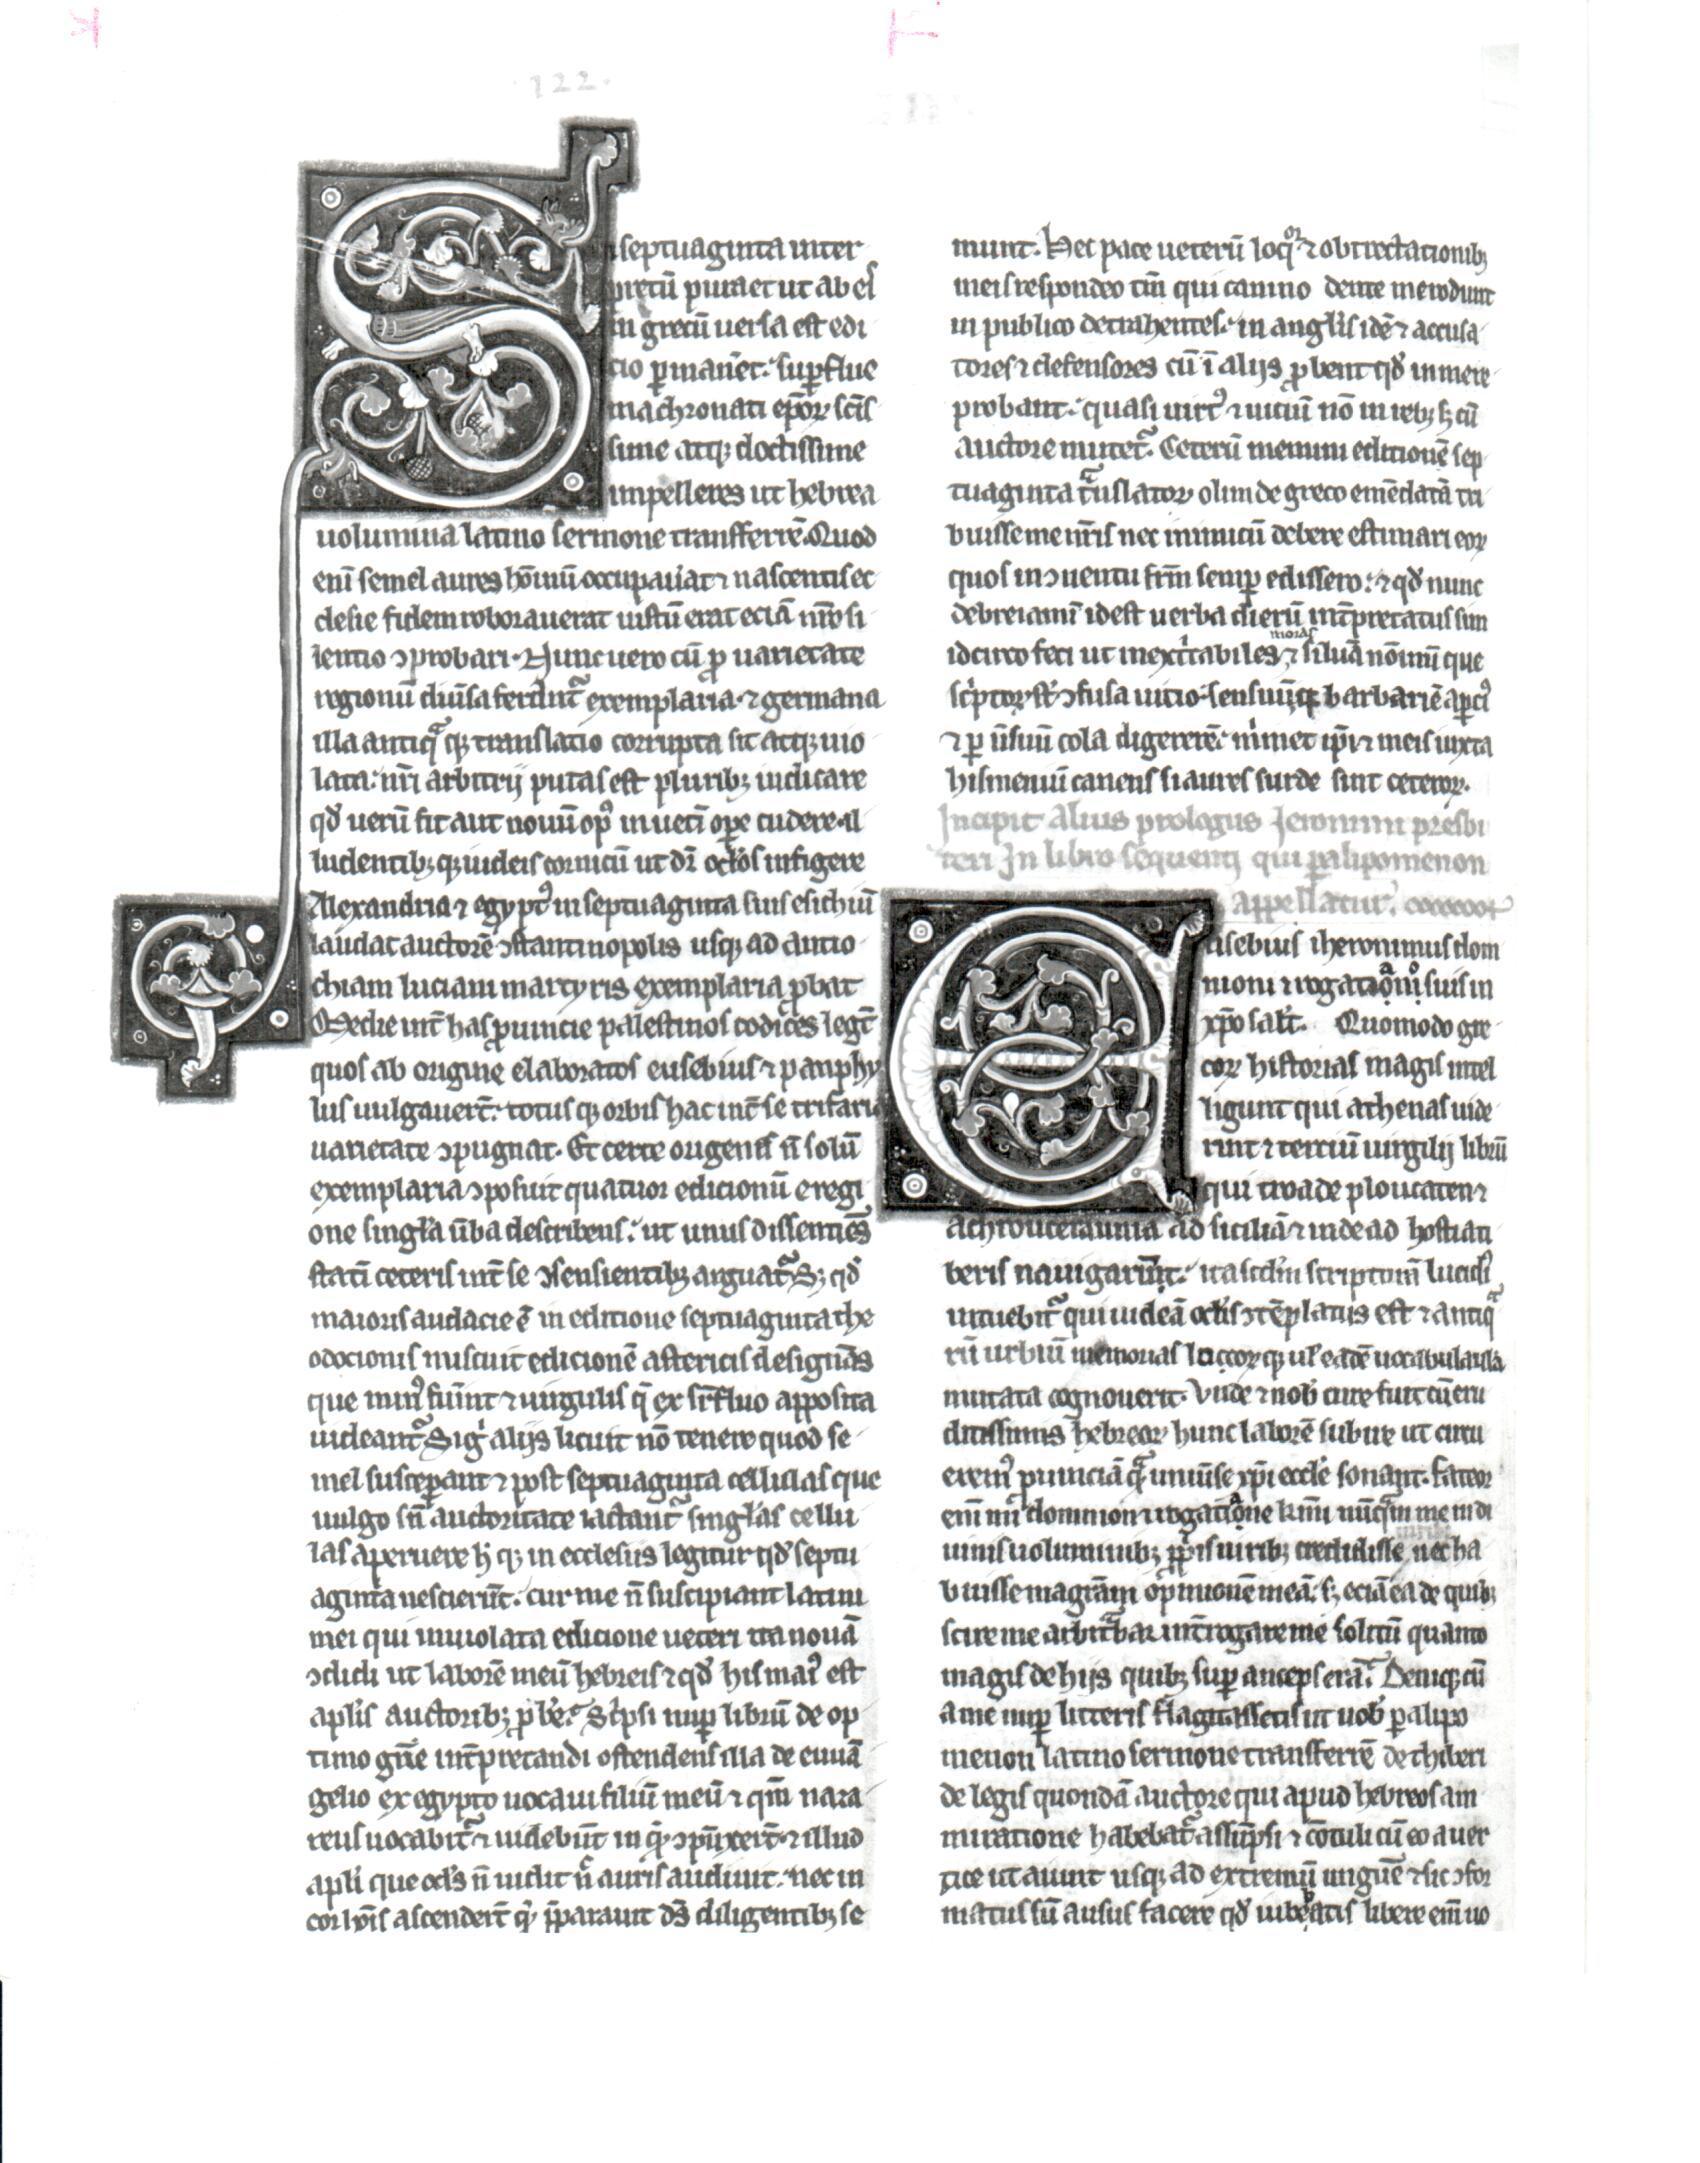 42. Beinecke MS 387, f. 122v